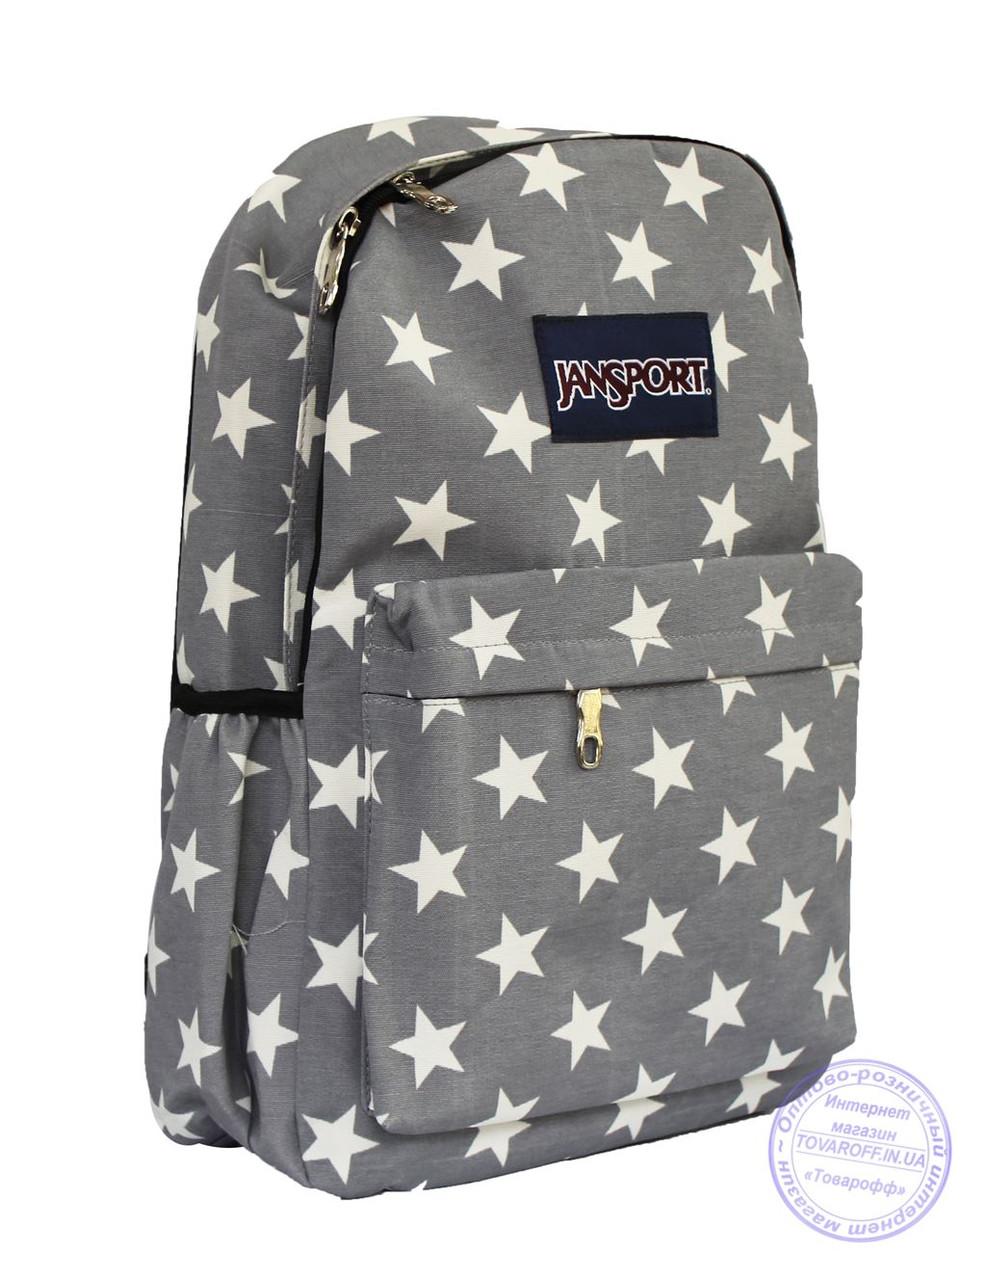 Школьный / прогулочный рюкзак со звездочками - серый - 8149